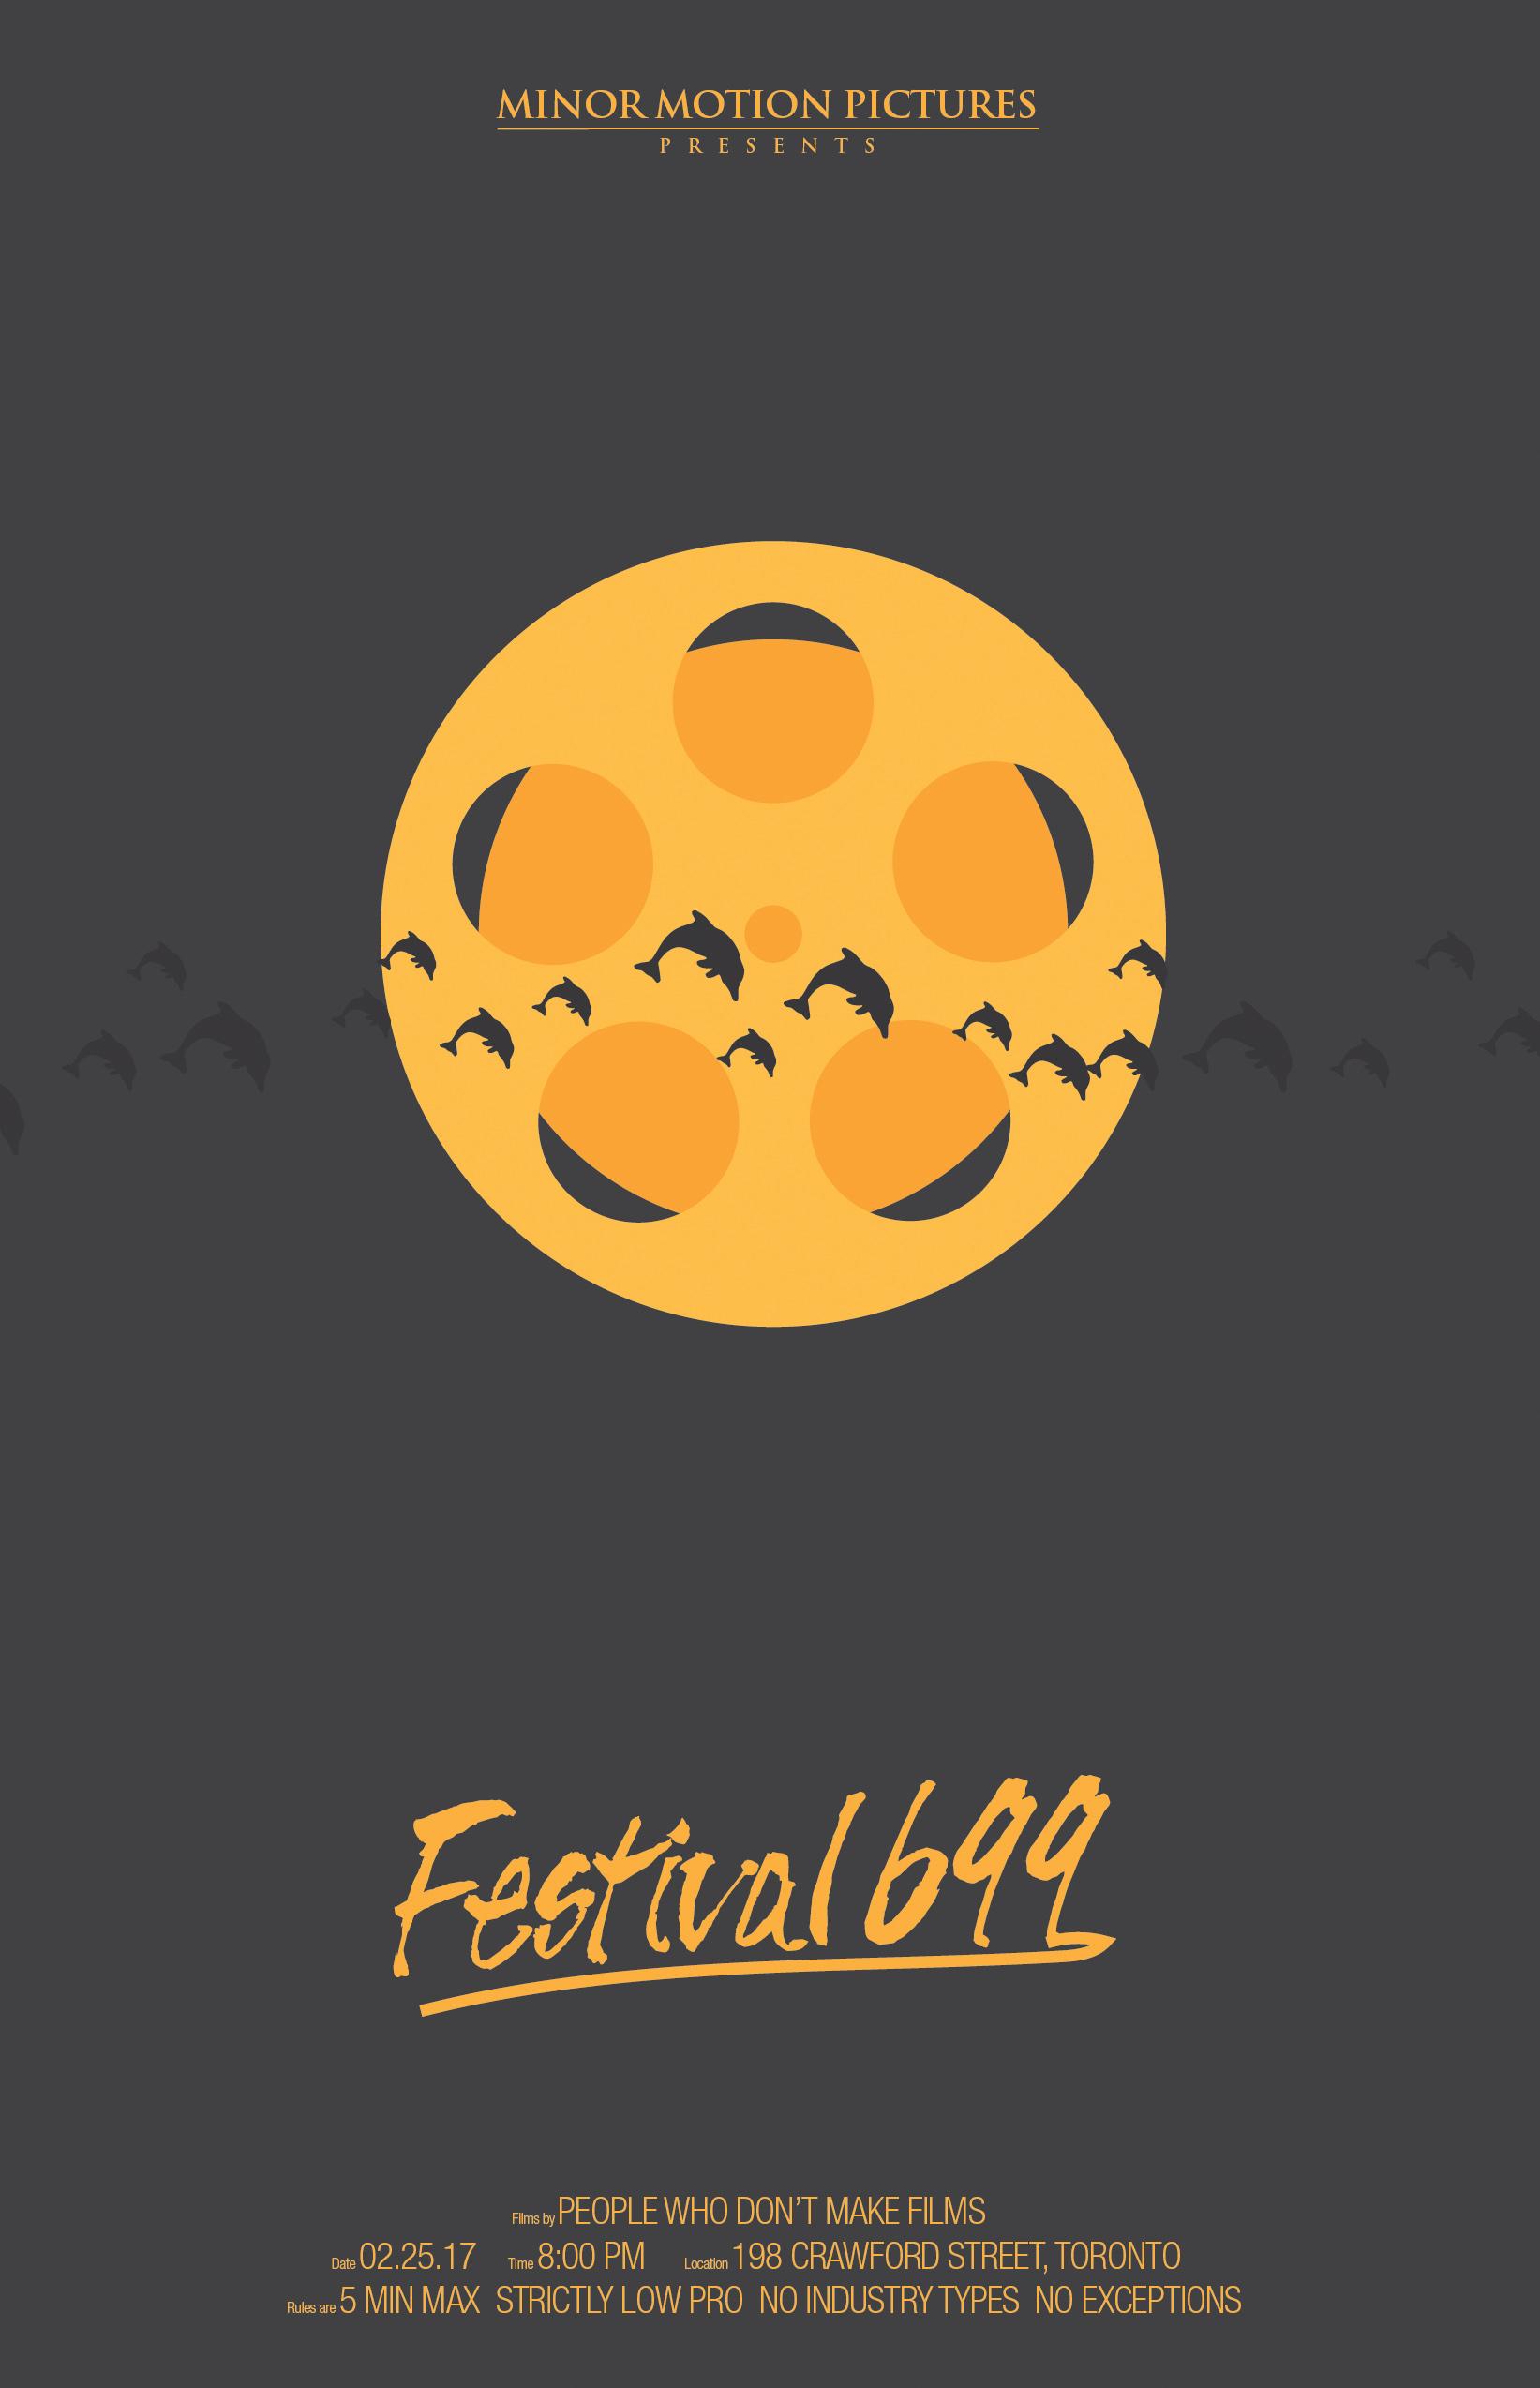 Festival699 Poster 2017